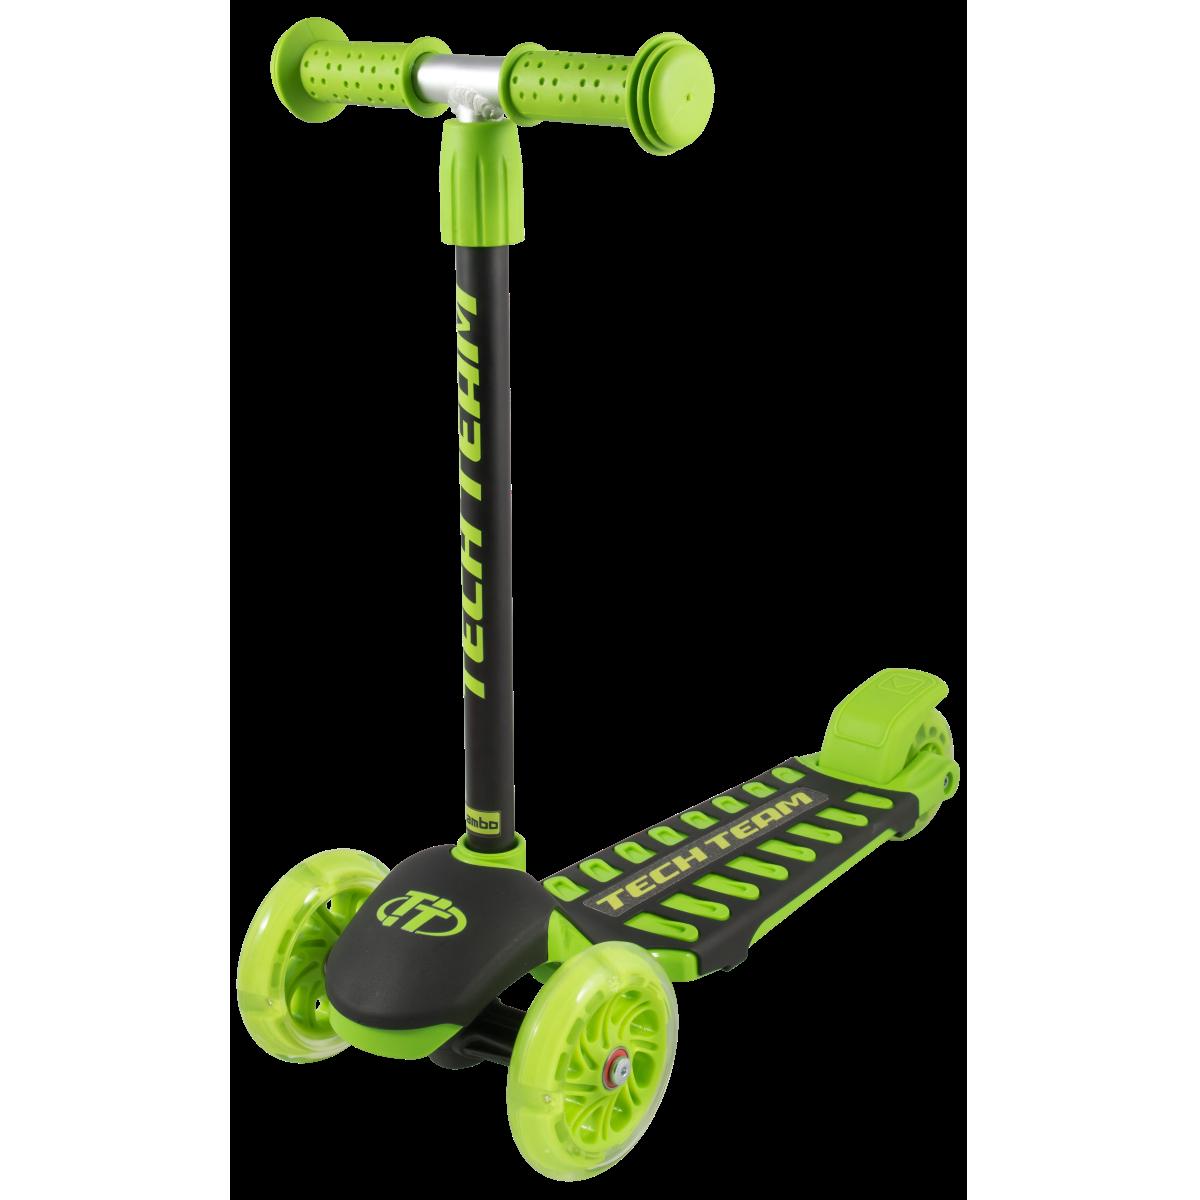 Детский трехколесный самокат-кикборд TechTeam Lambo 2019 зеленый